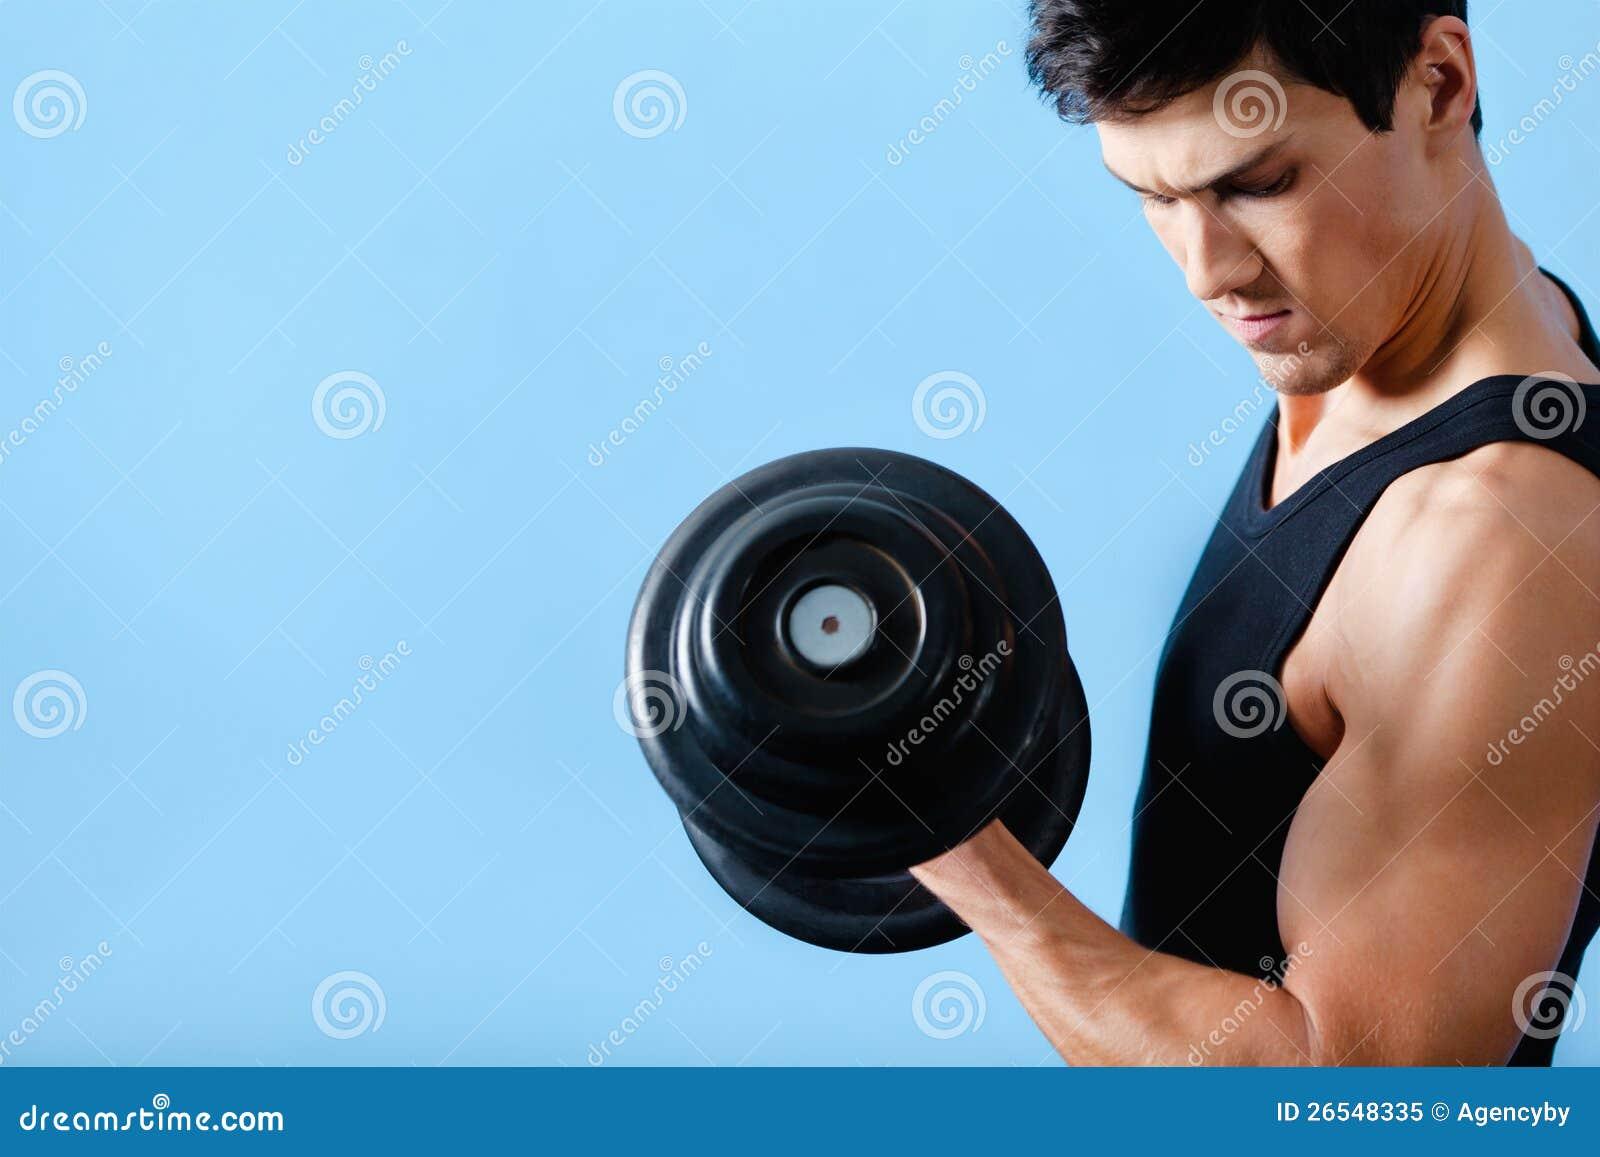 Stattlicher muskulöser Mann verwendet seinen Dumbbell